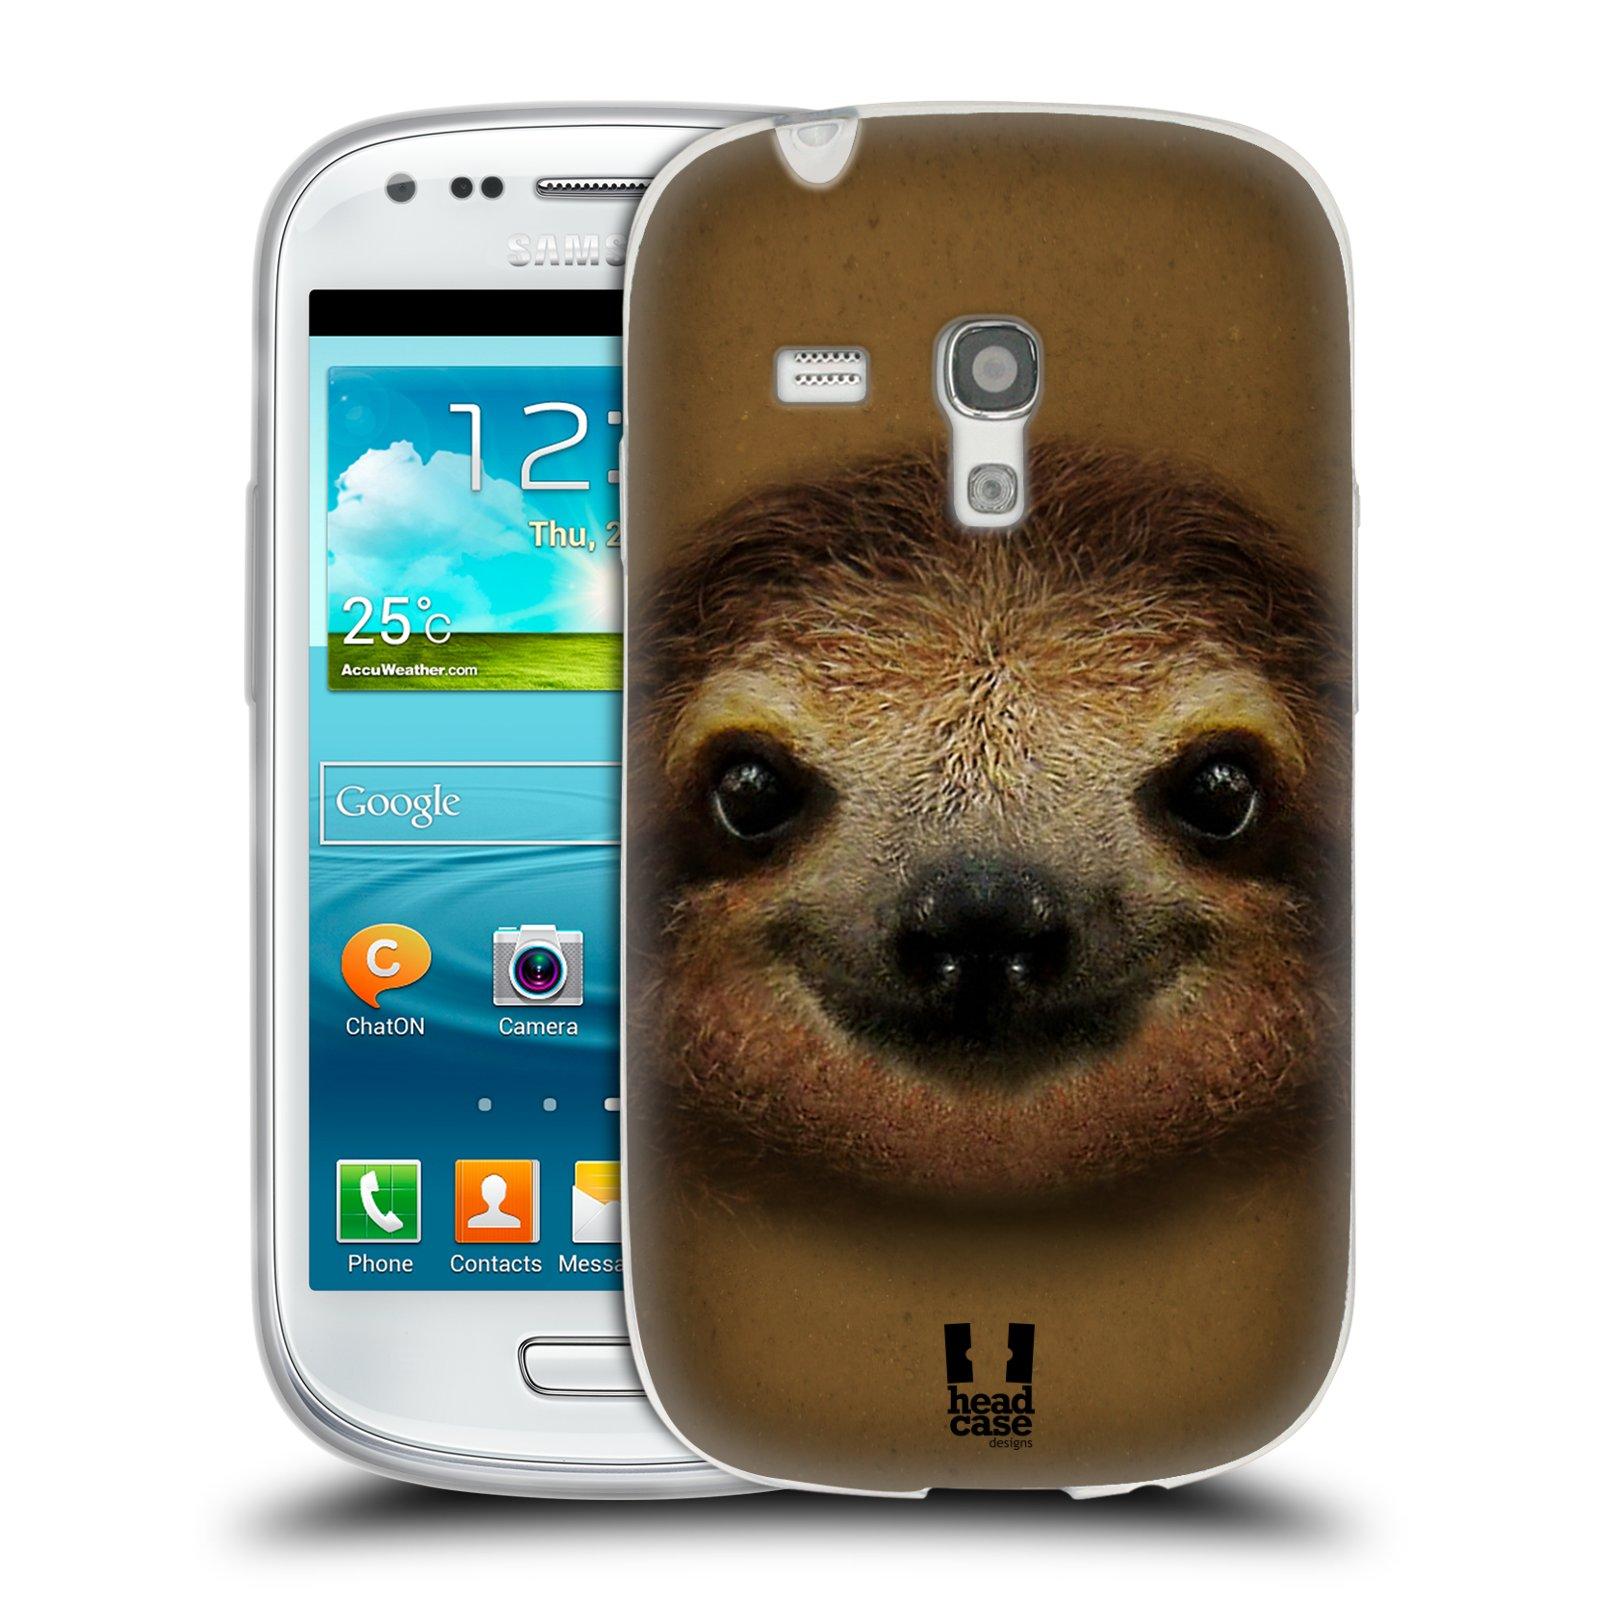 HEAD CASE silikonový obal na mobil Samsung Galaxy S3 MINI i8190 vzor Zvířecí tváře 2 lenochod